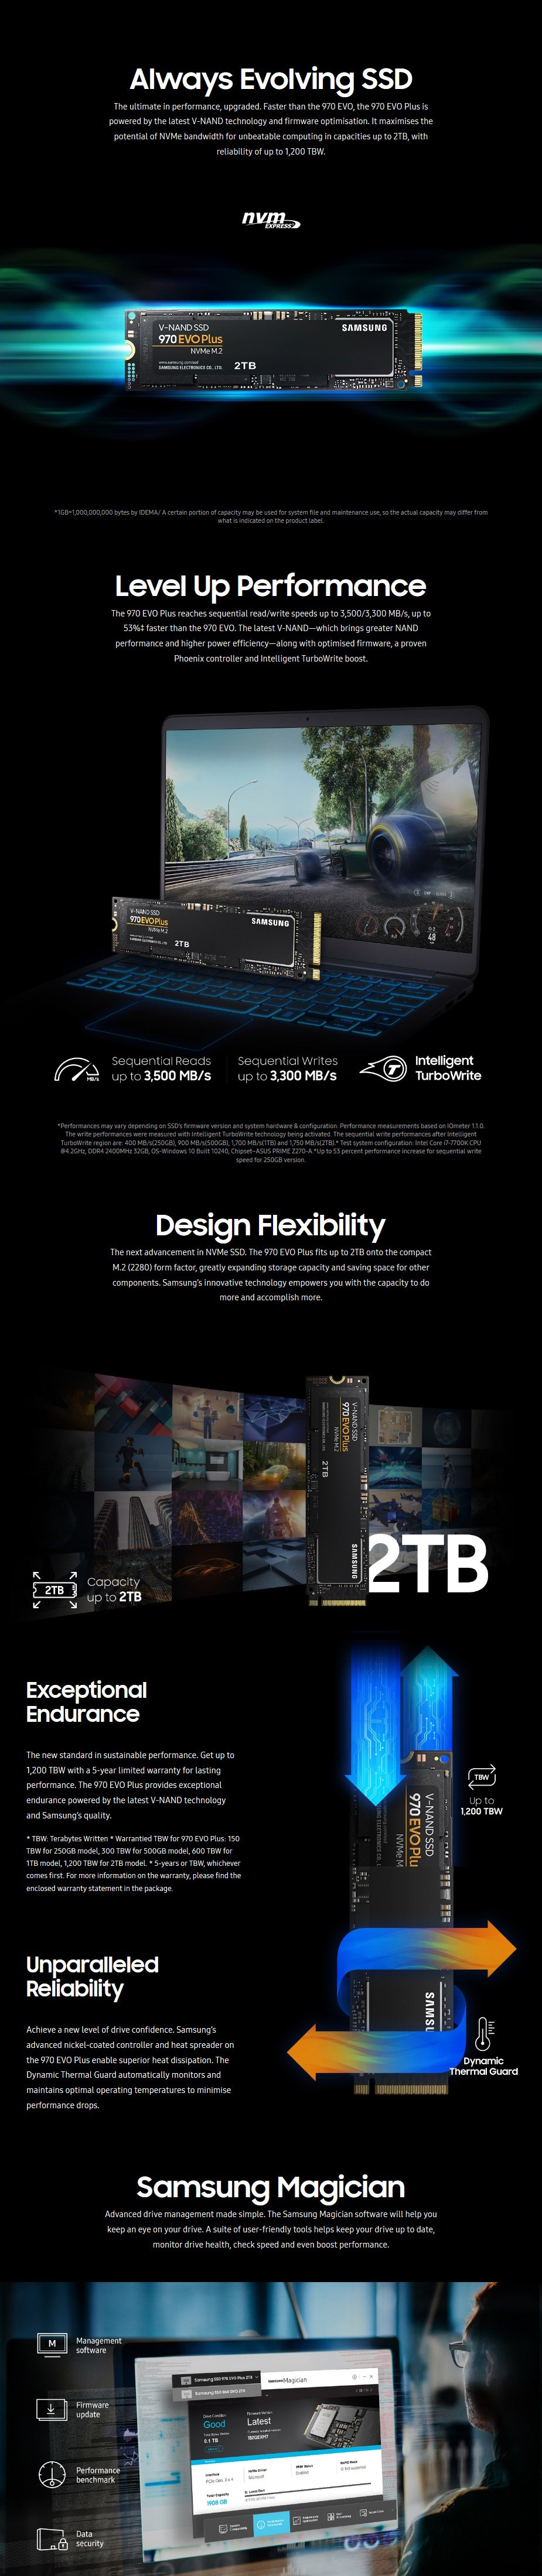 Samsung 970 EVO Plus 2TB NVMe 1.3 M.2 (2280) 3-Bit V-NAND SSD - MZ-V7S2T0BW - Desktop Overview 2